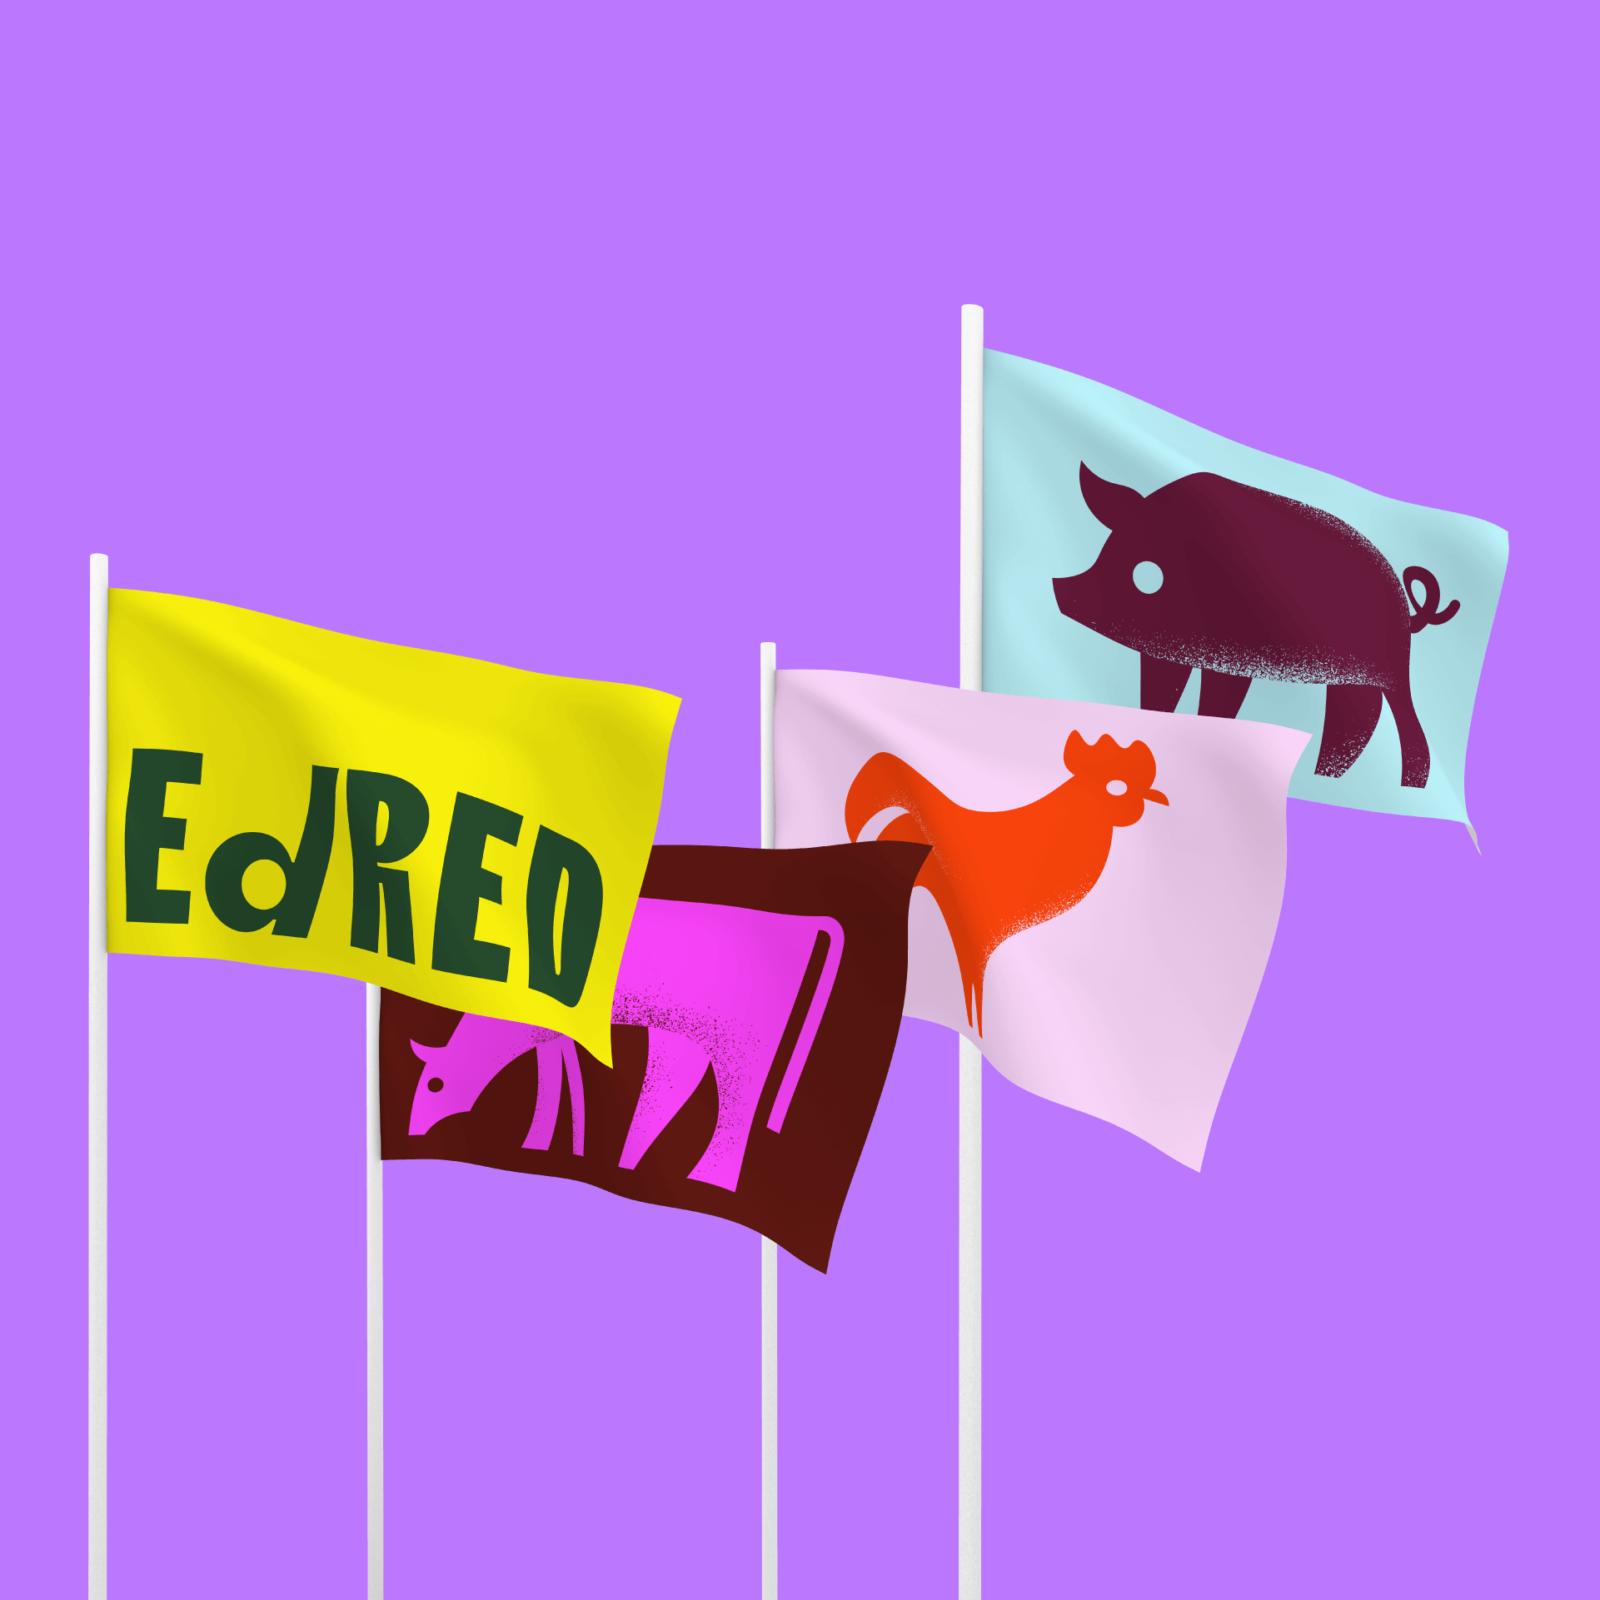 EdRED